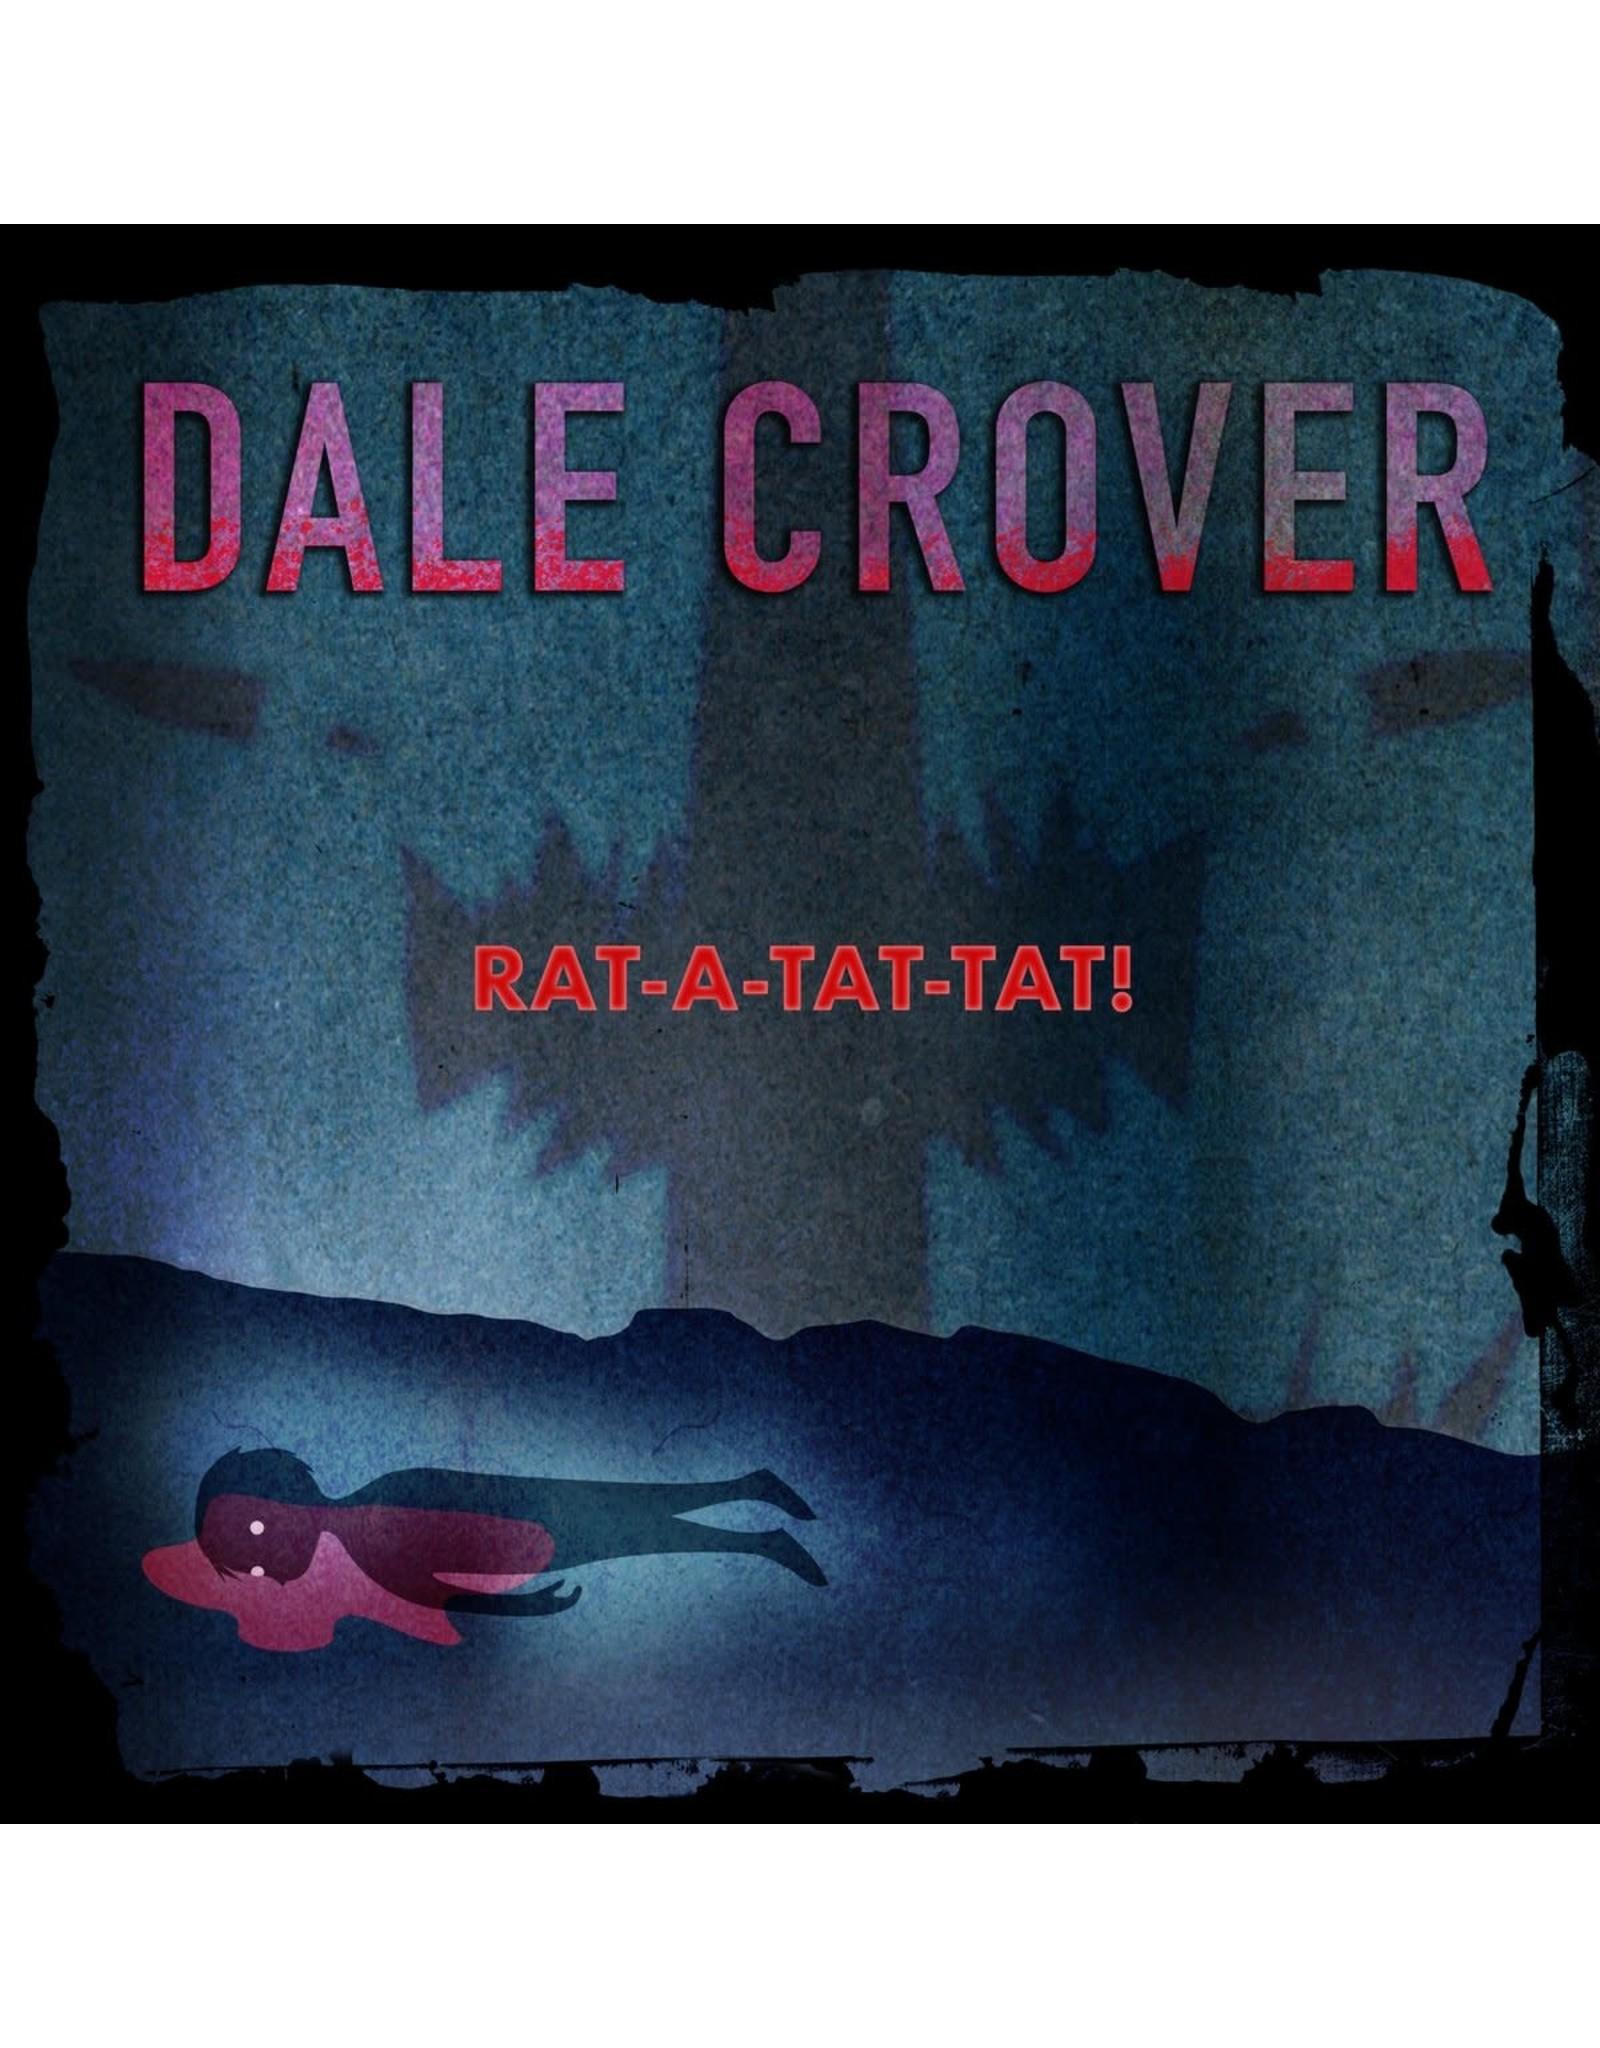 Crover, Dale - Rat-A-Tat-Tat! LP